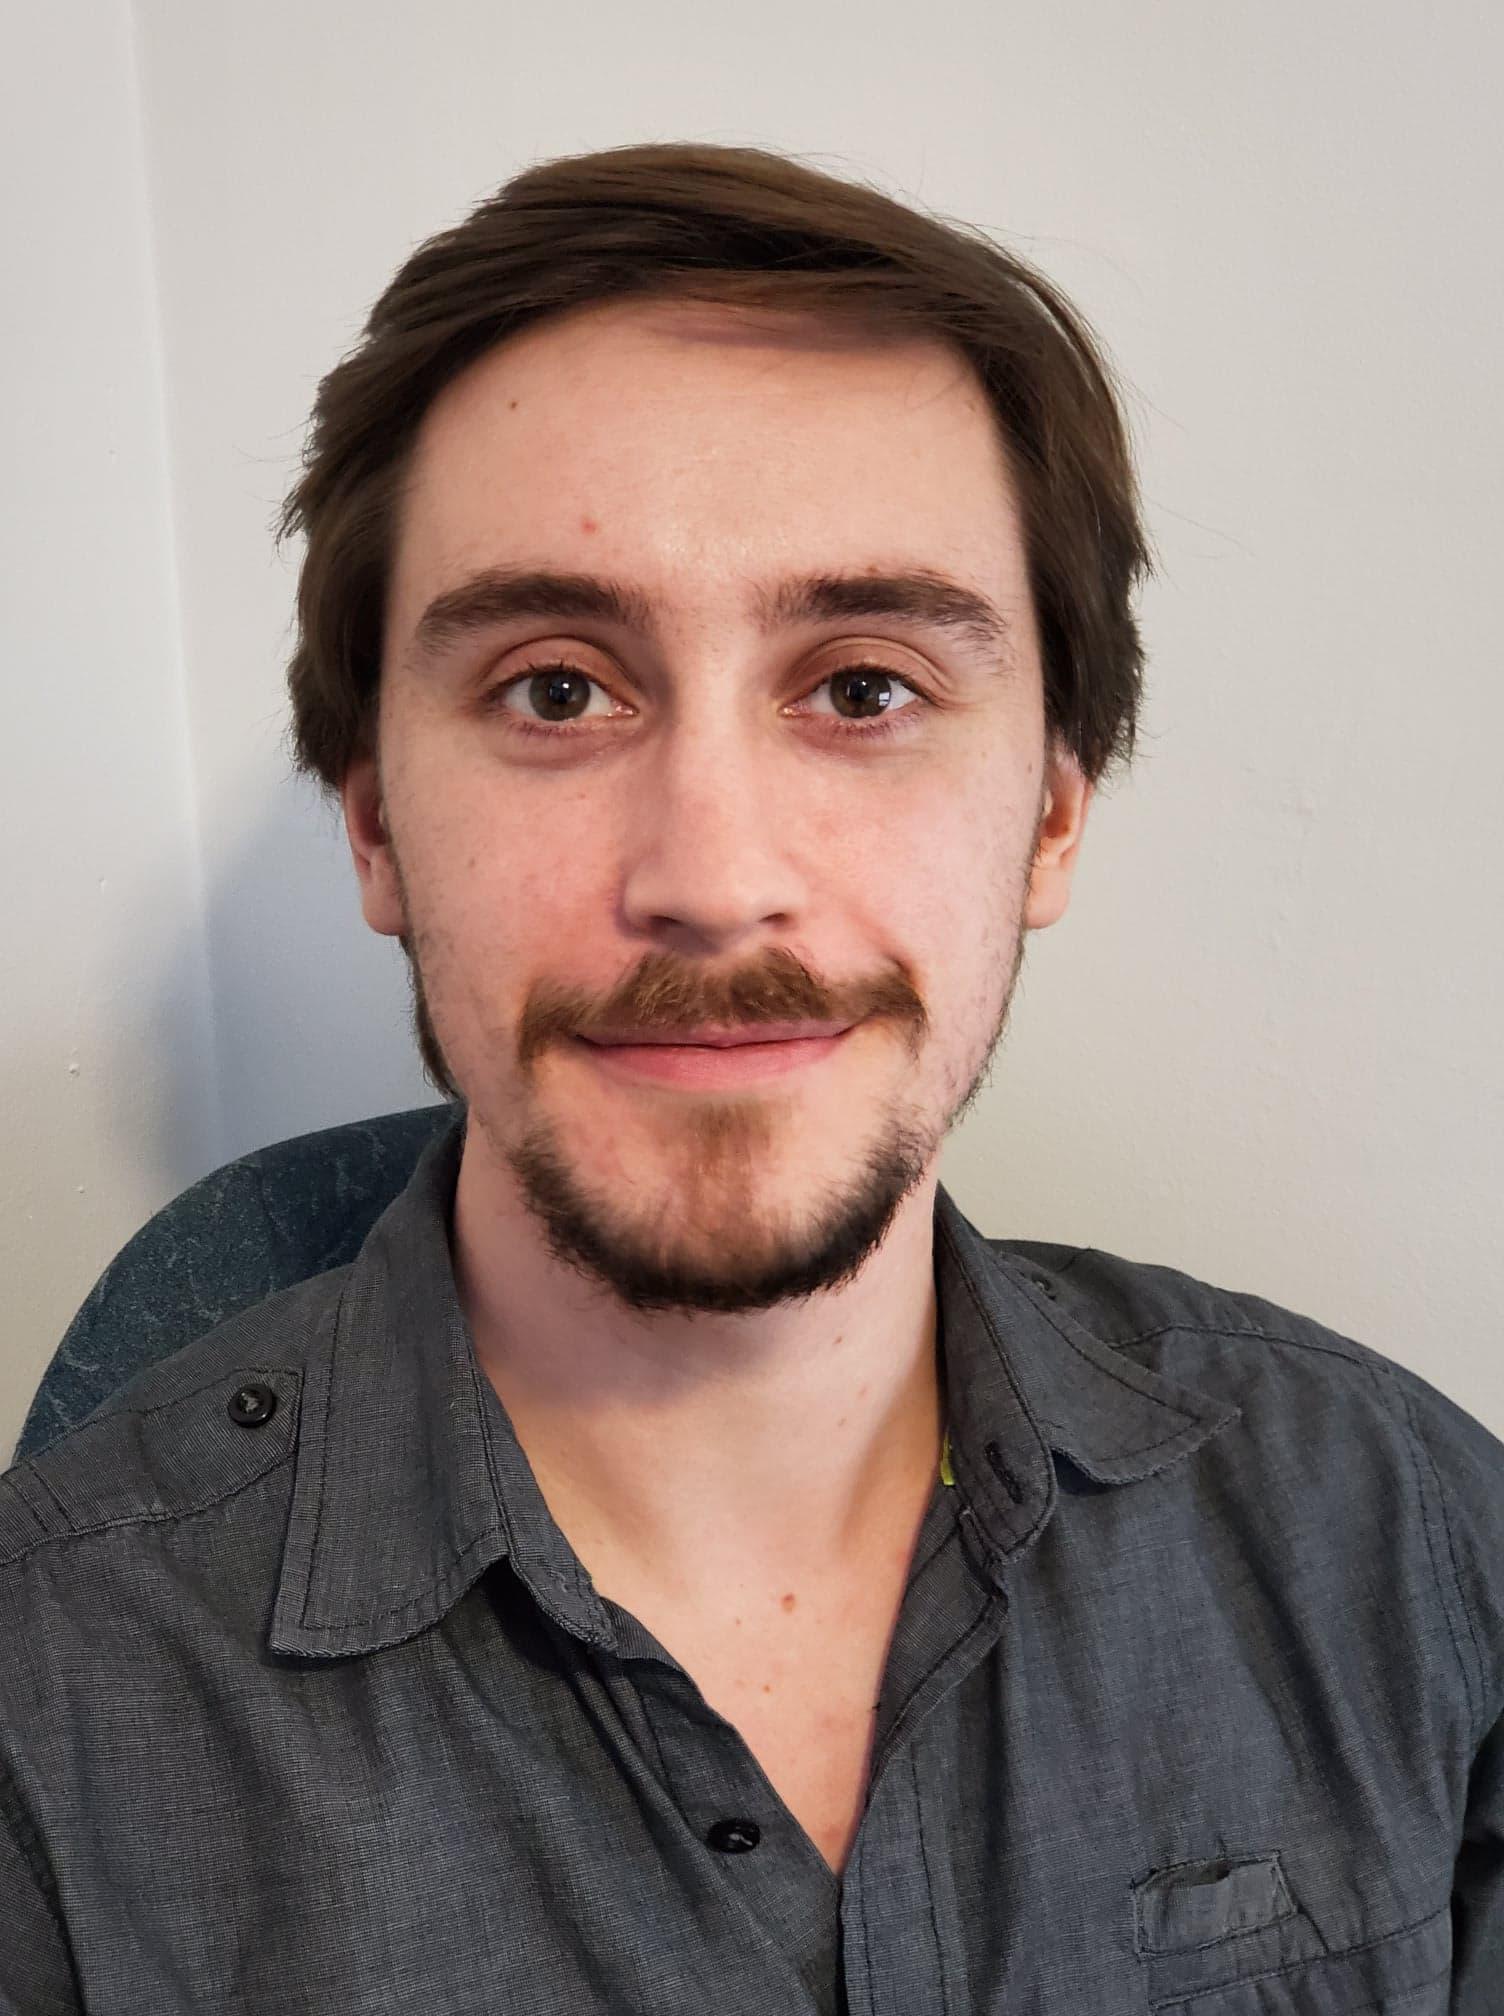 Frederik Desemarais